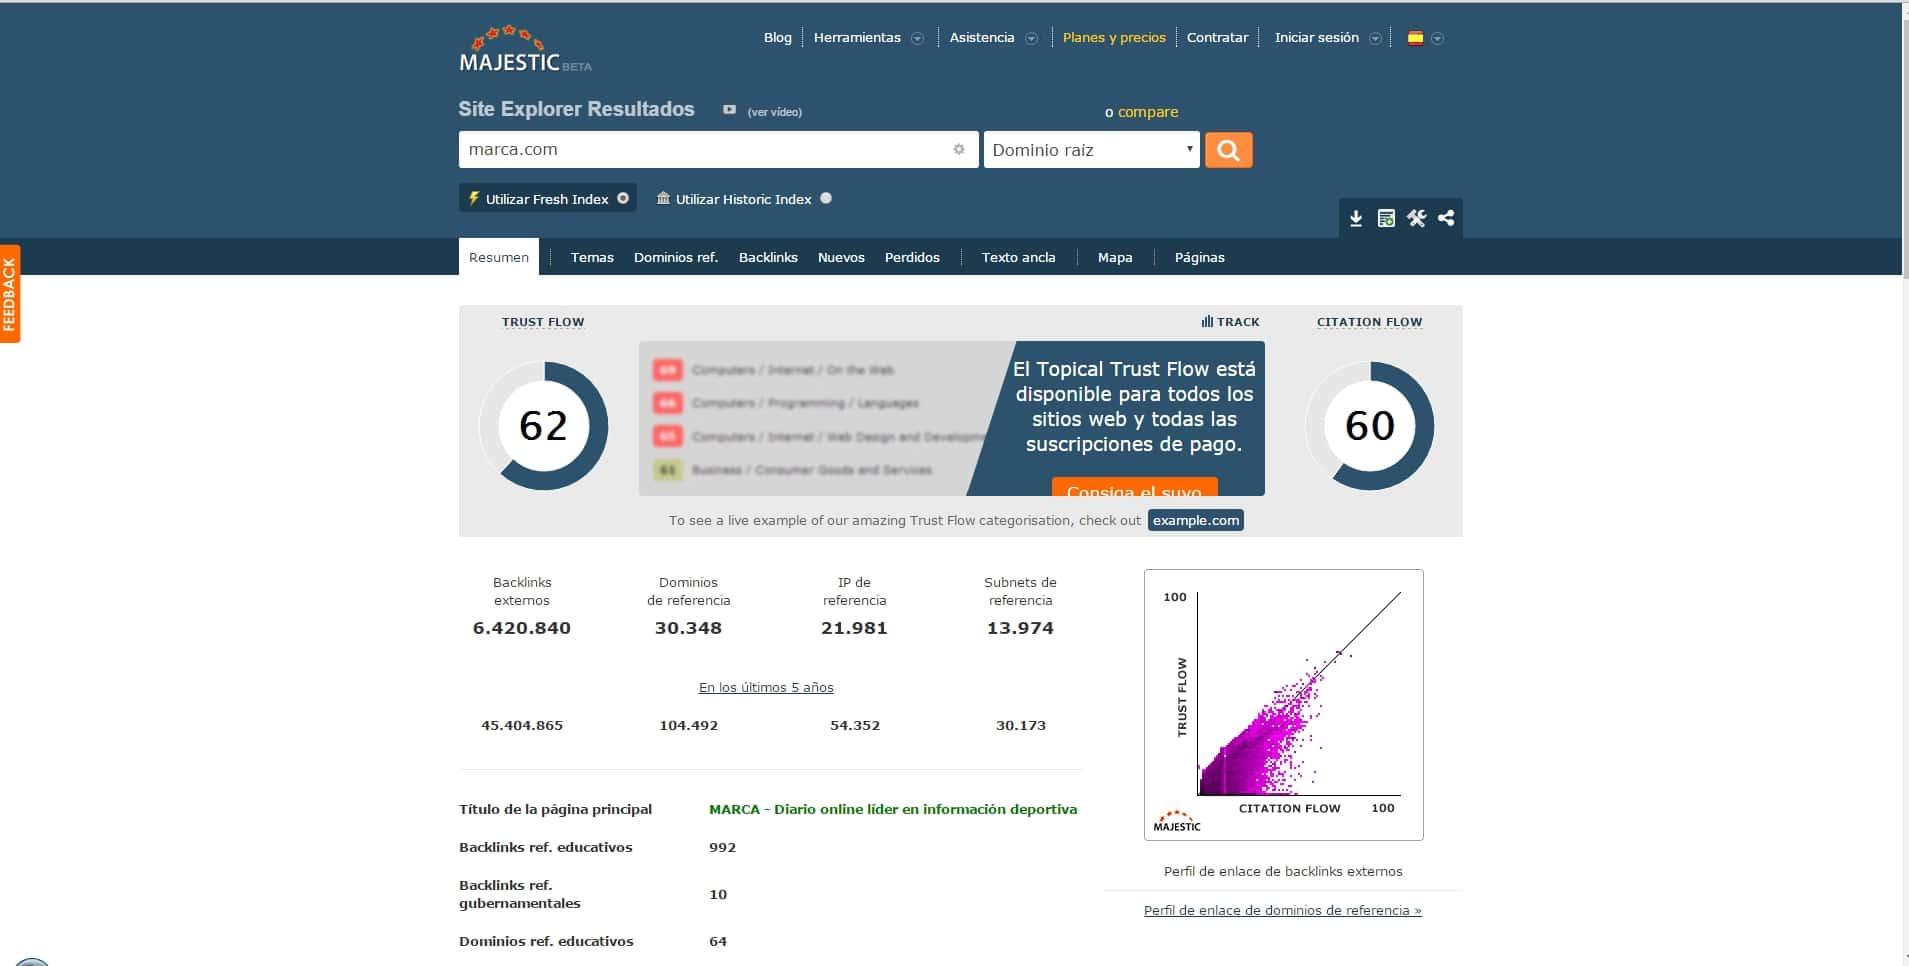 Herramientas SEO - Análisis Competencia y Backlinks   Majestic